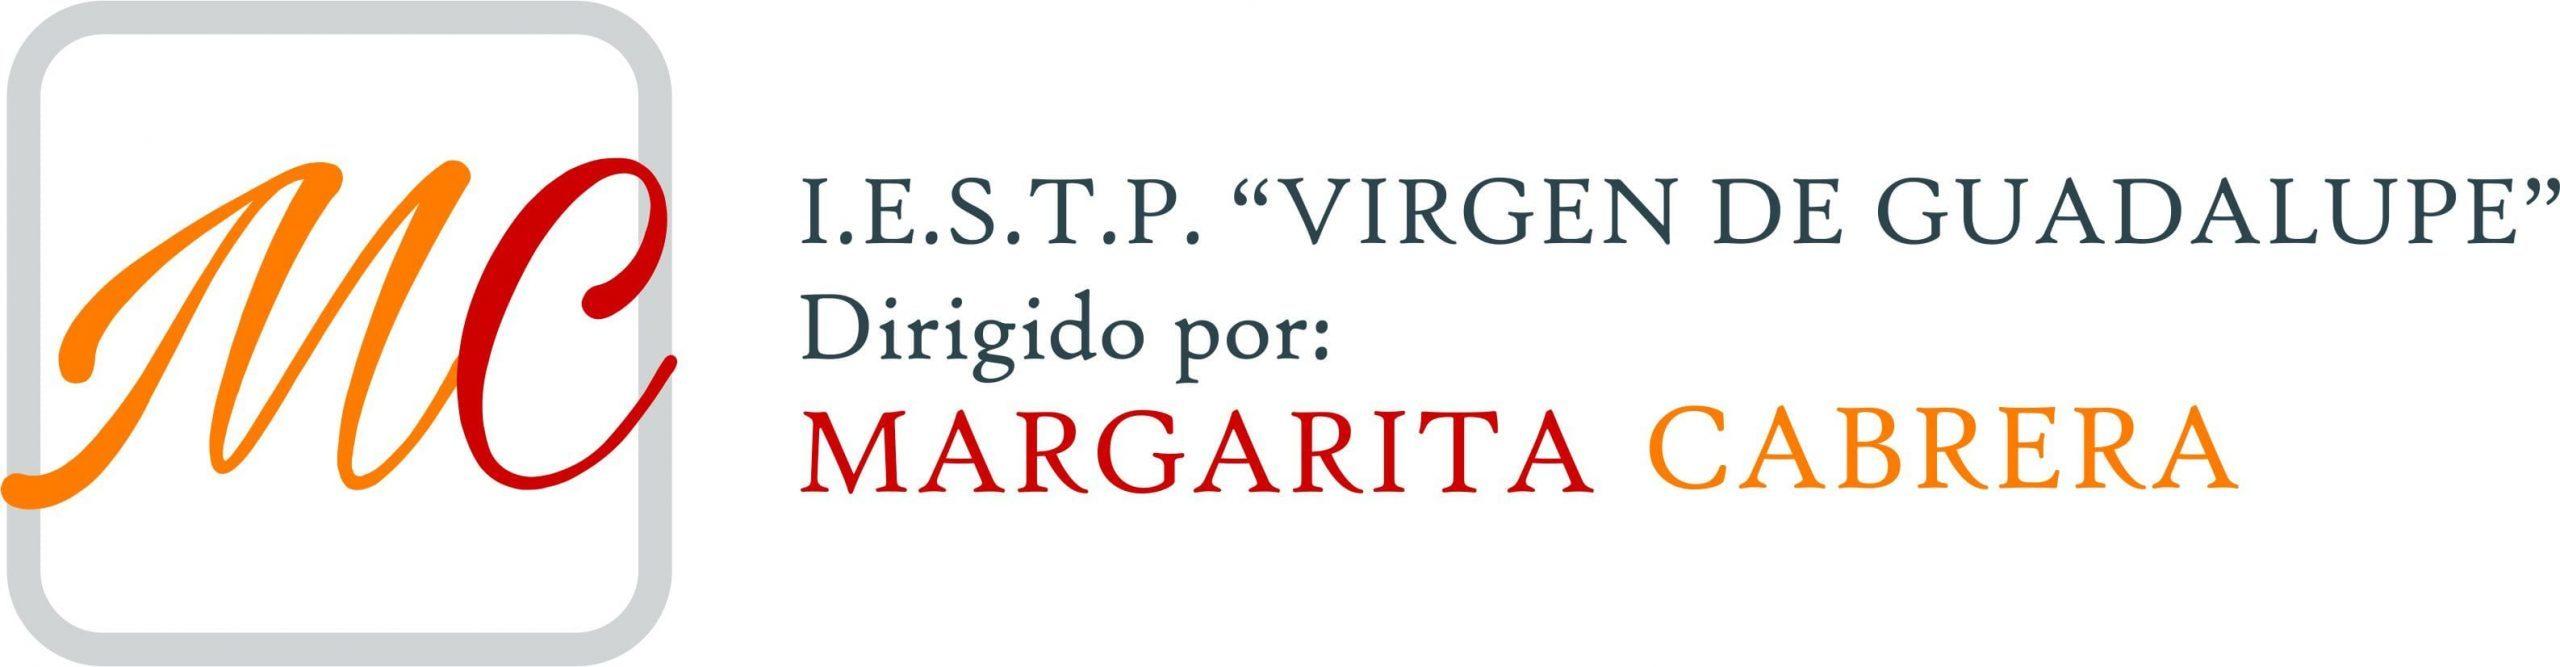 """I.E.S.T.P. Virgen de Guadalupe """"Margarita Cabrera"""""""